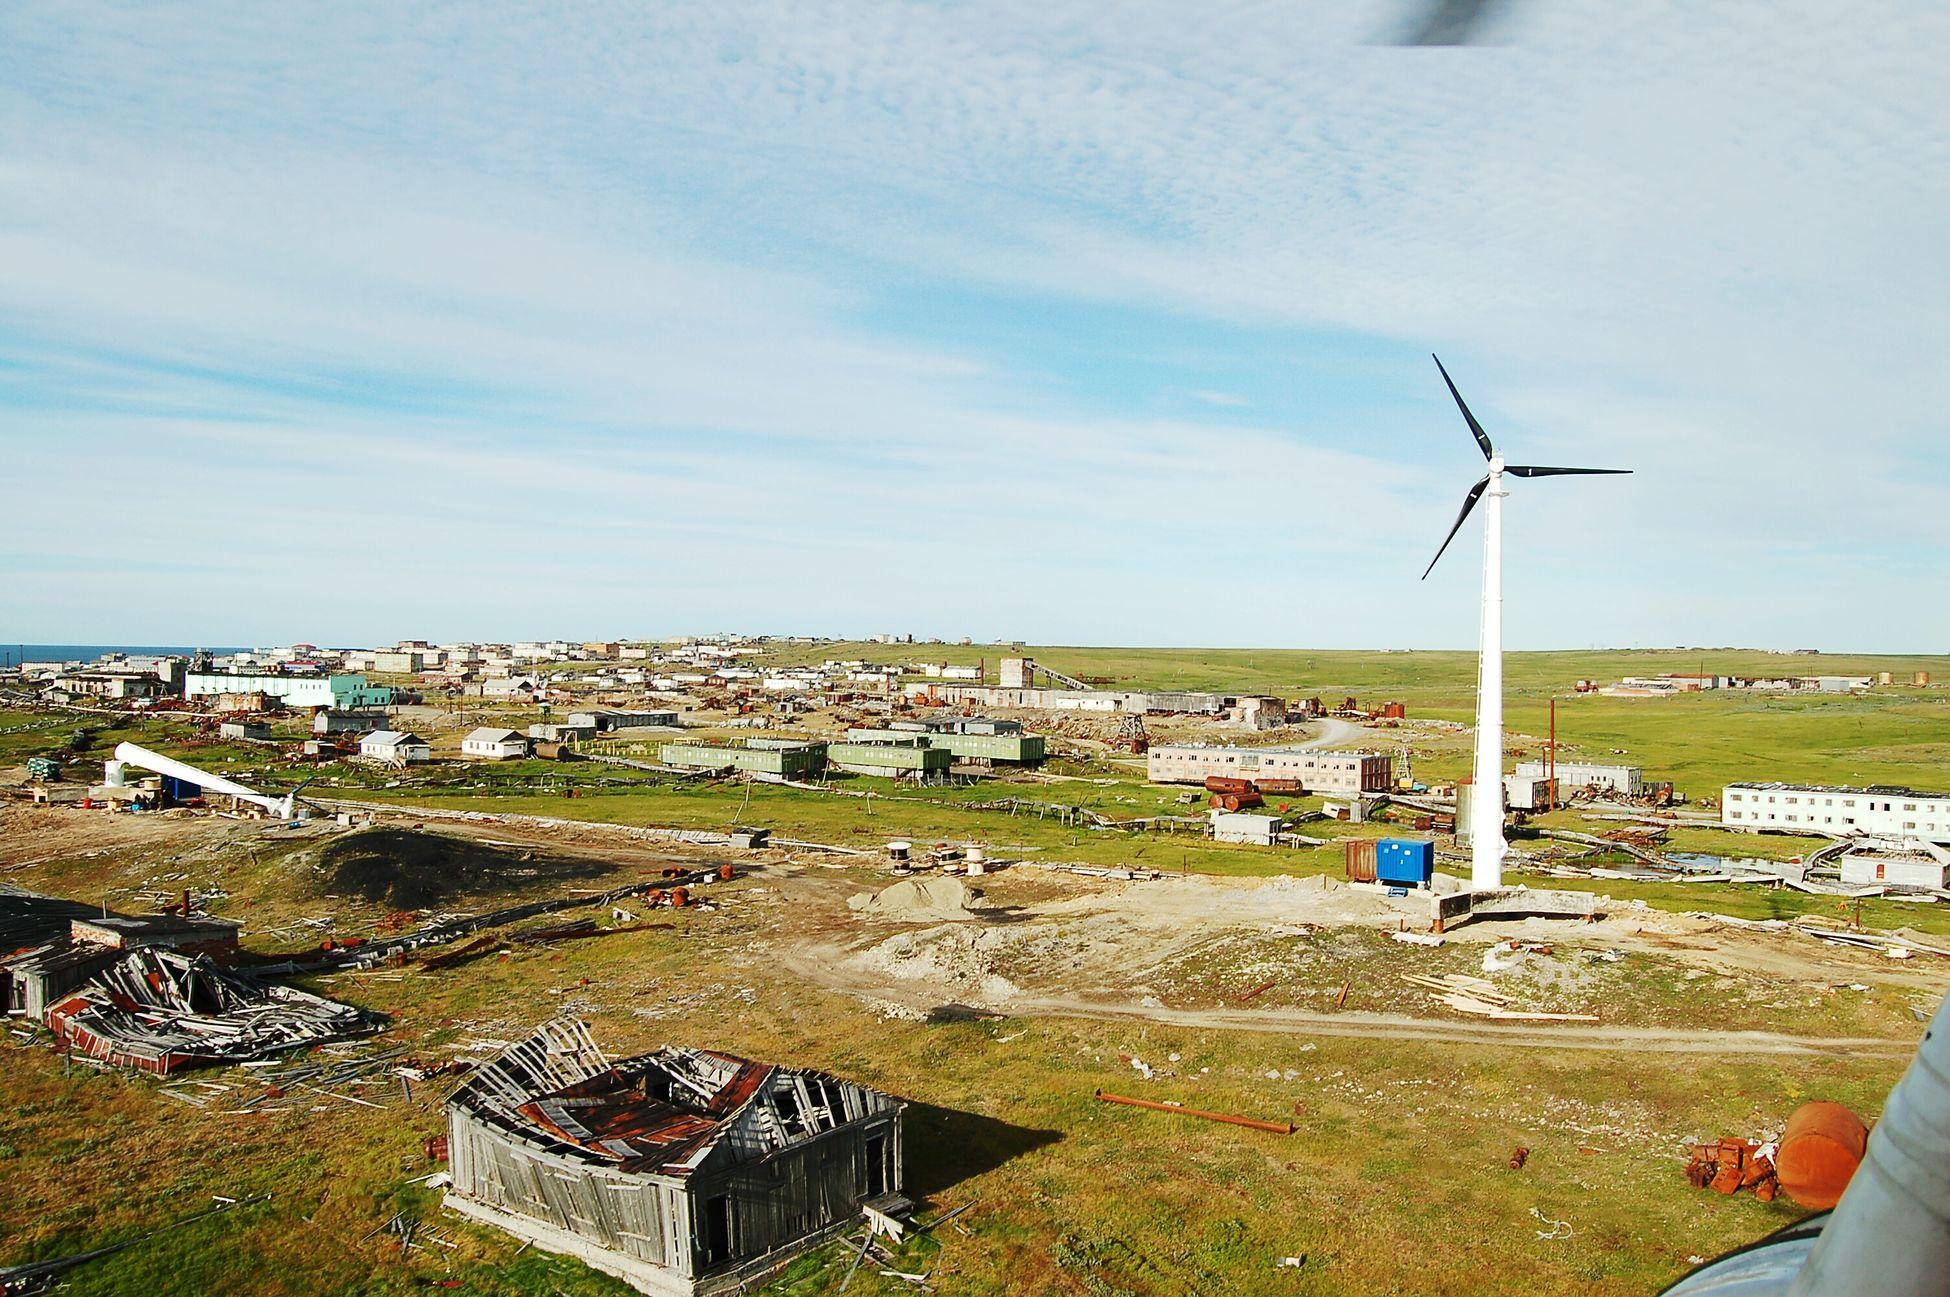 Amderma Tundra Russia Kara Sea Street Photo Sky And City Hello World Explore The World